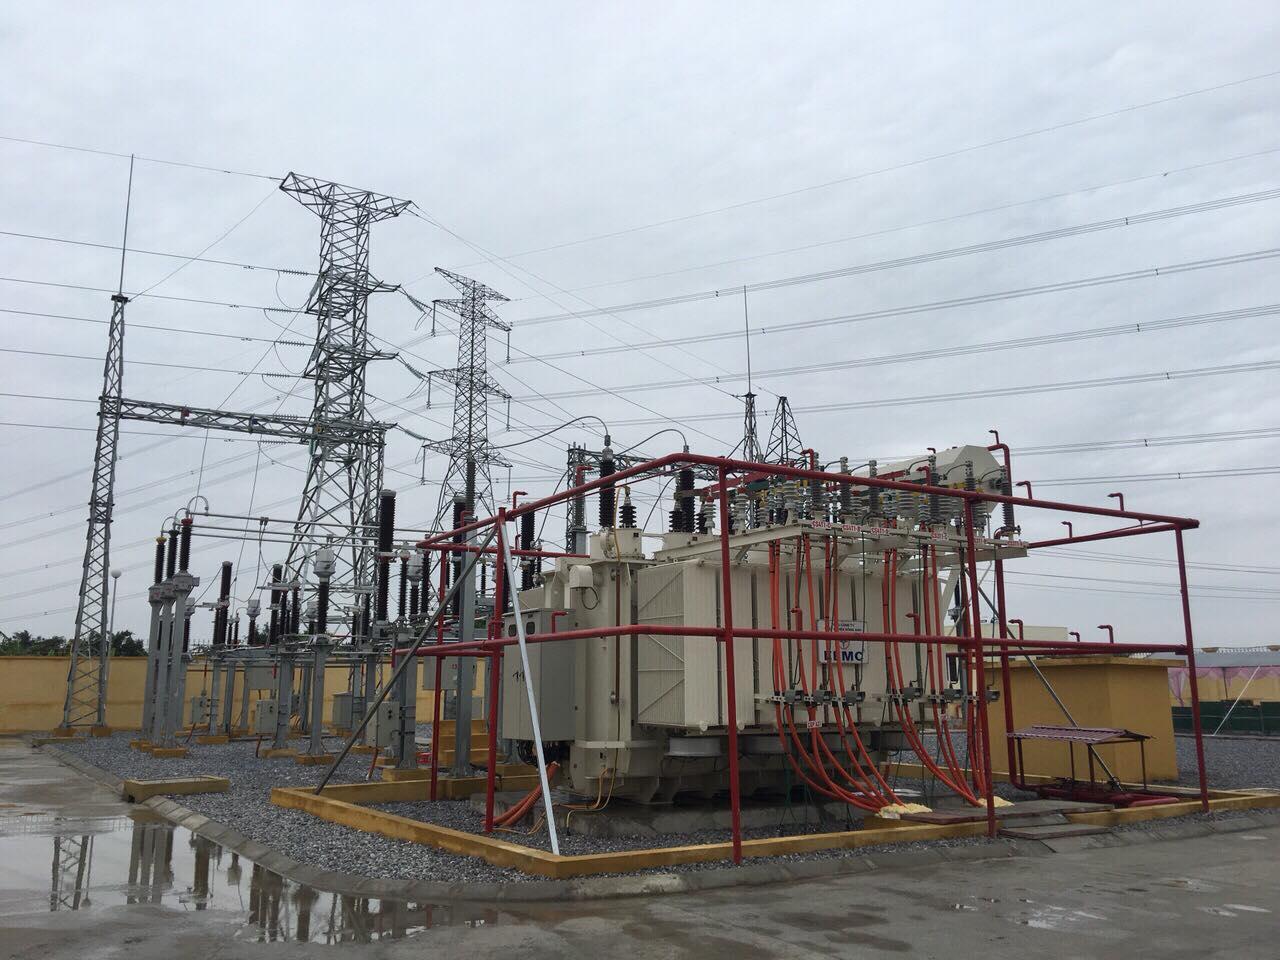 Đóng điện máy biến áp 63MVA do EEMC cung cấp tại Trạm biến áp Văn Giang 2